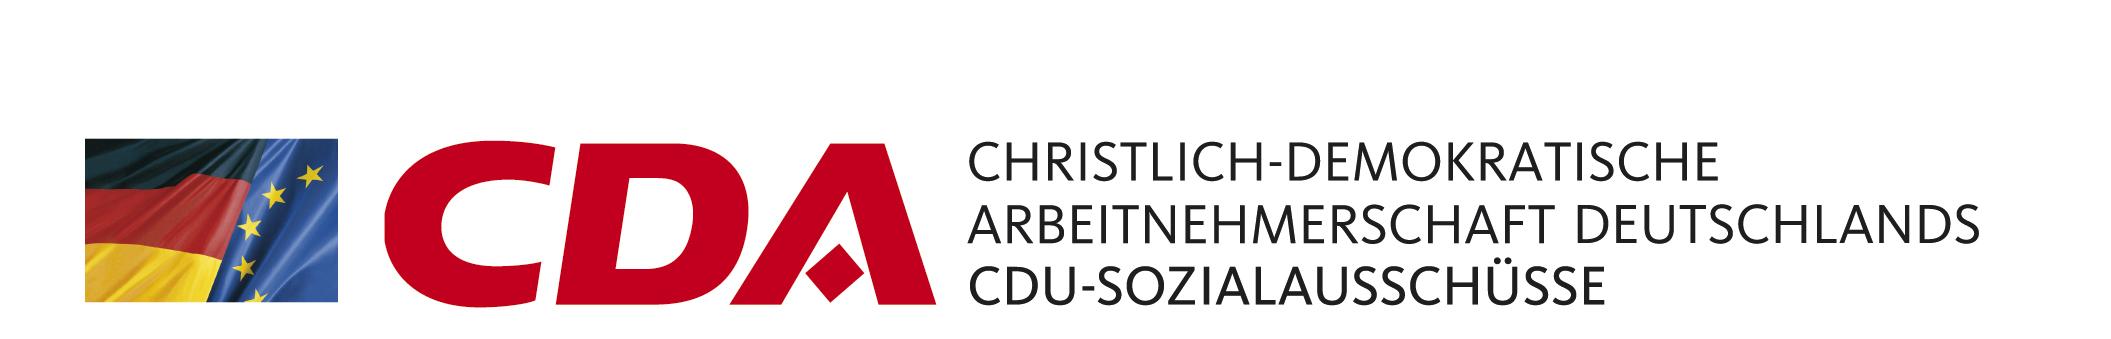 CDA Braunschweig fordert Zuschüsse für mind. 5.000 bezahlbare Wohnungen pro Jahr